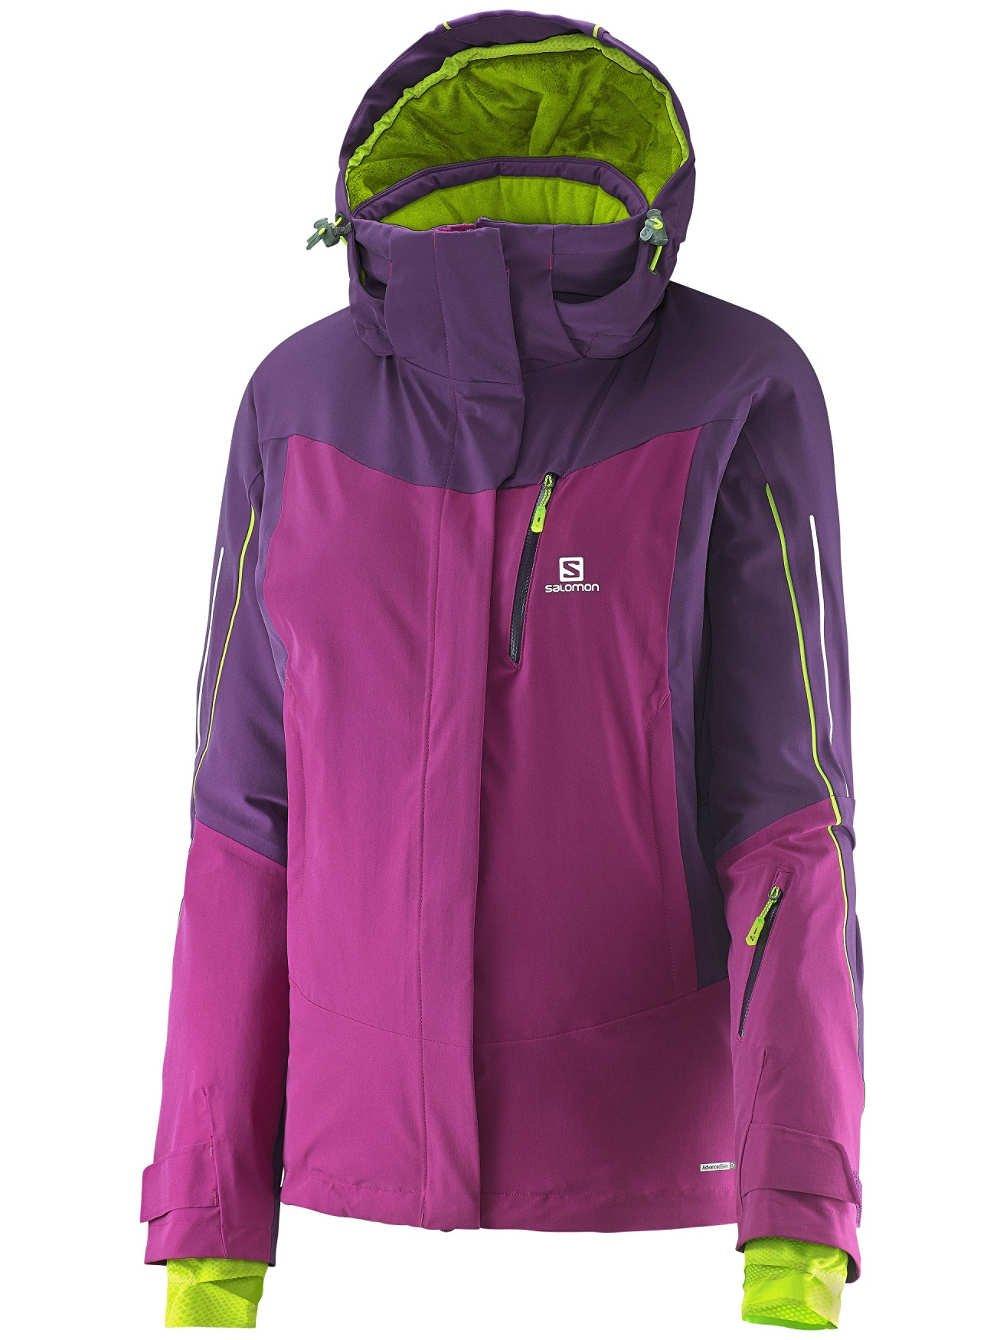 Damen Snowboard Jacke Salomon Iceglory Jacket online bestellen